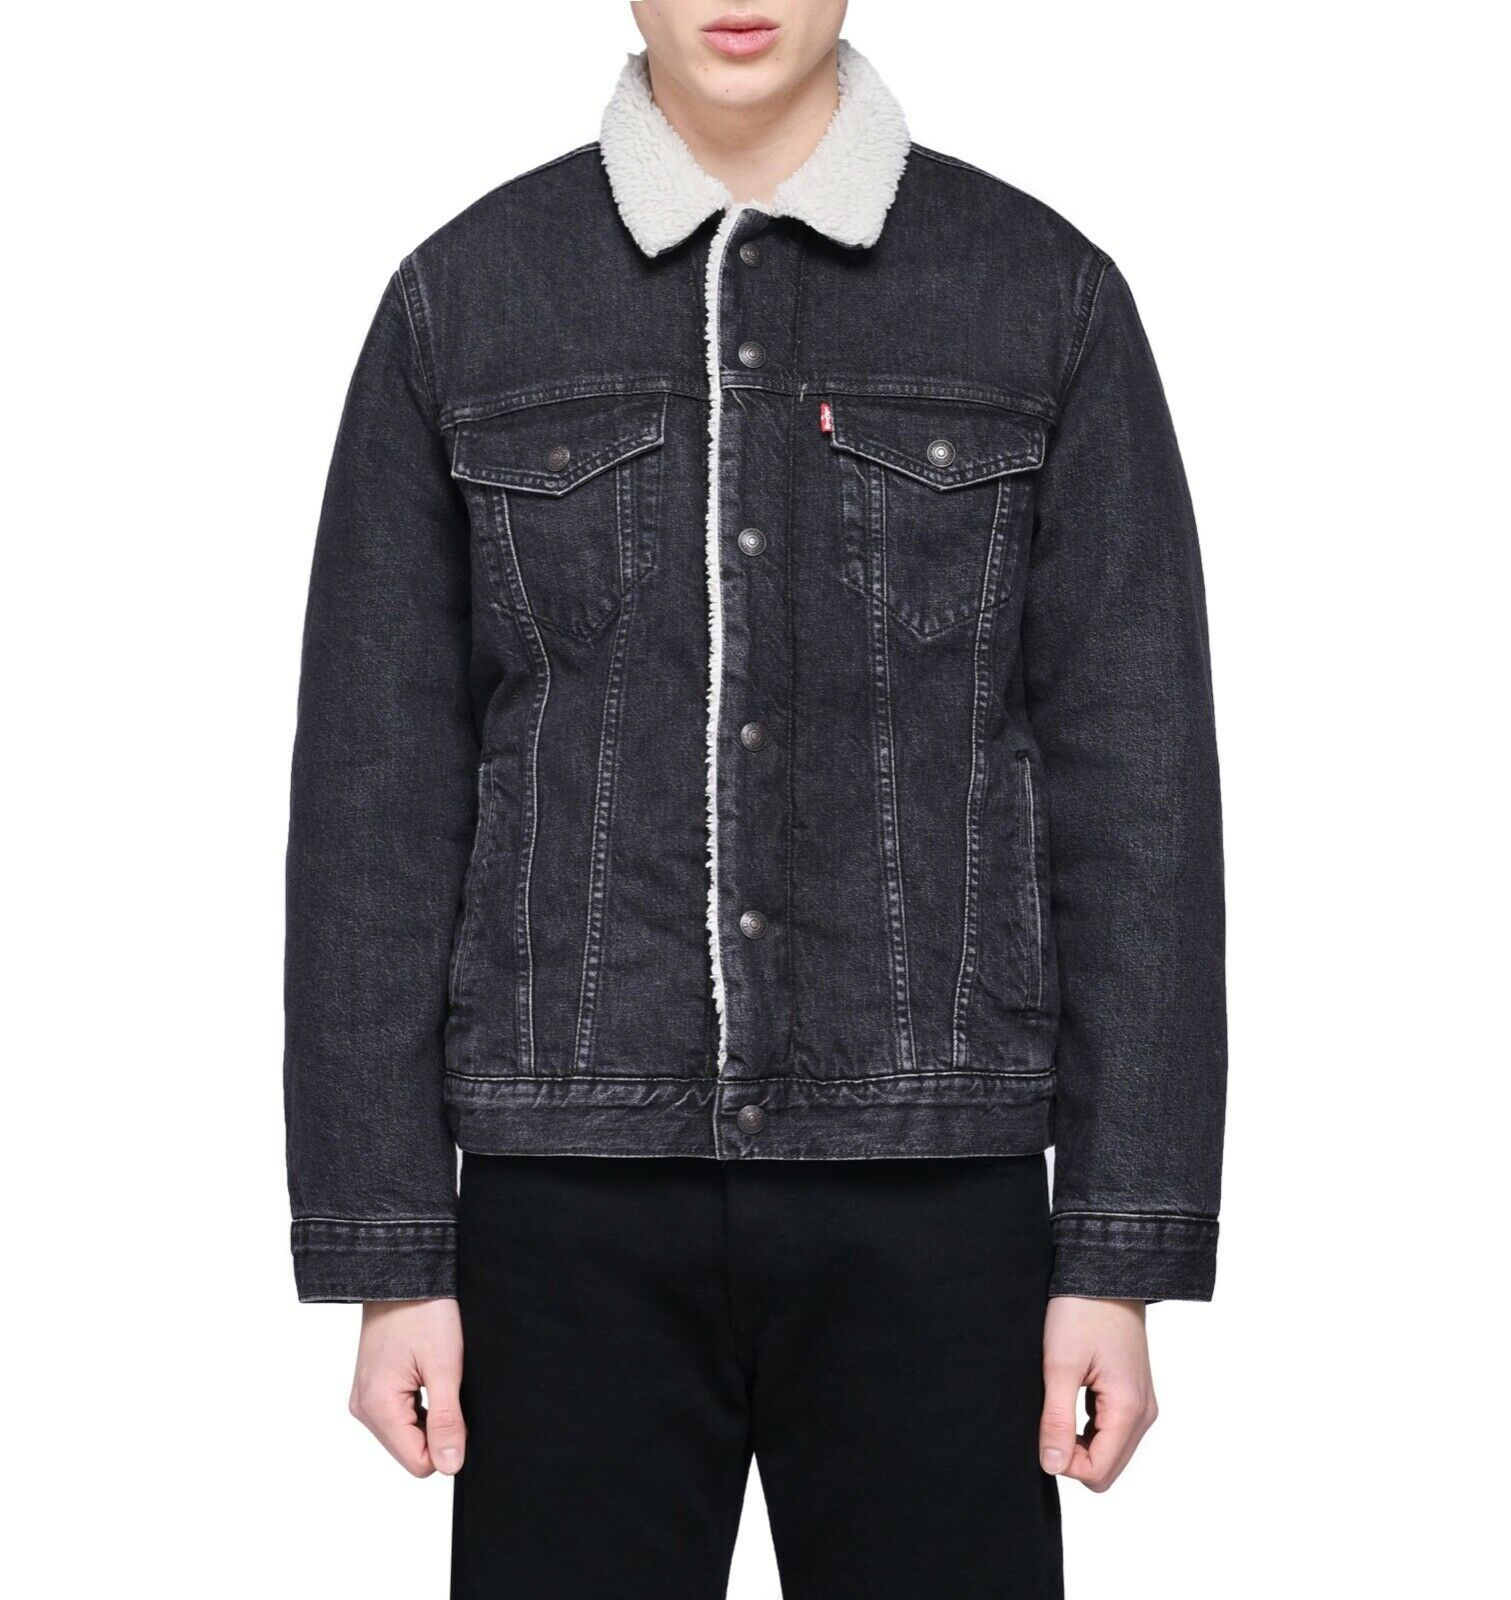 Levi's Strauss Men's Cotton Sherpa Lined Denim Jean Trucker Jacket 163650097